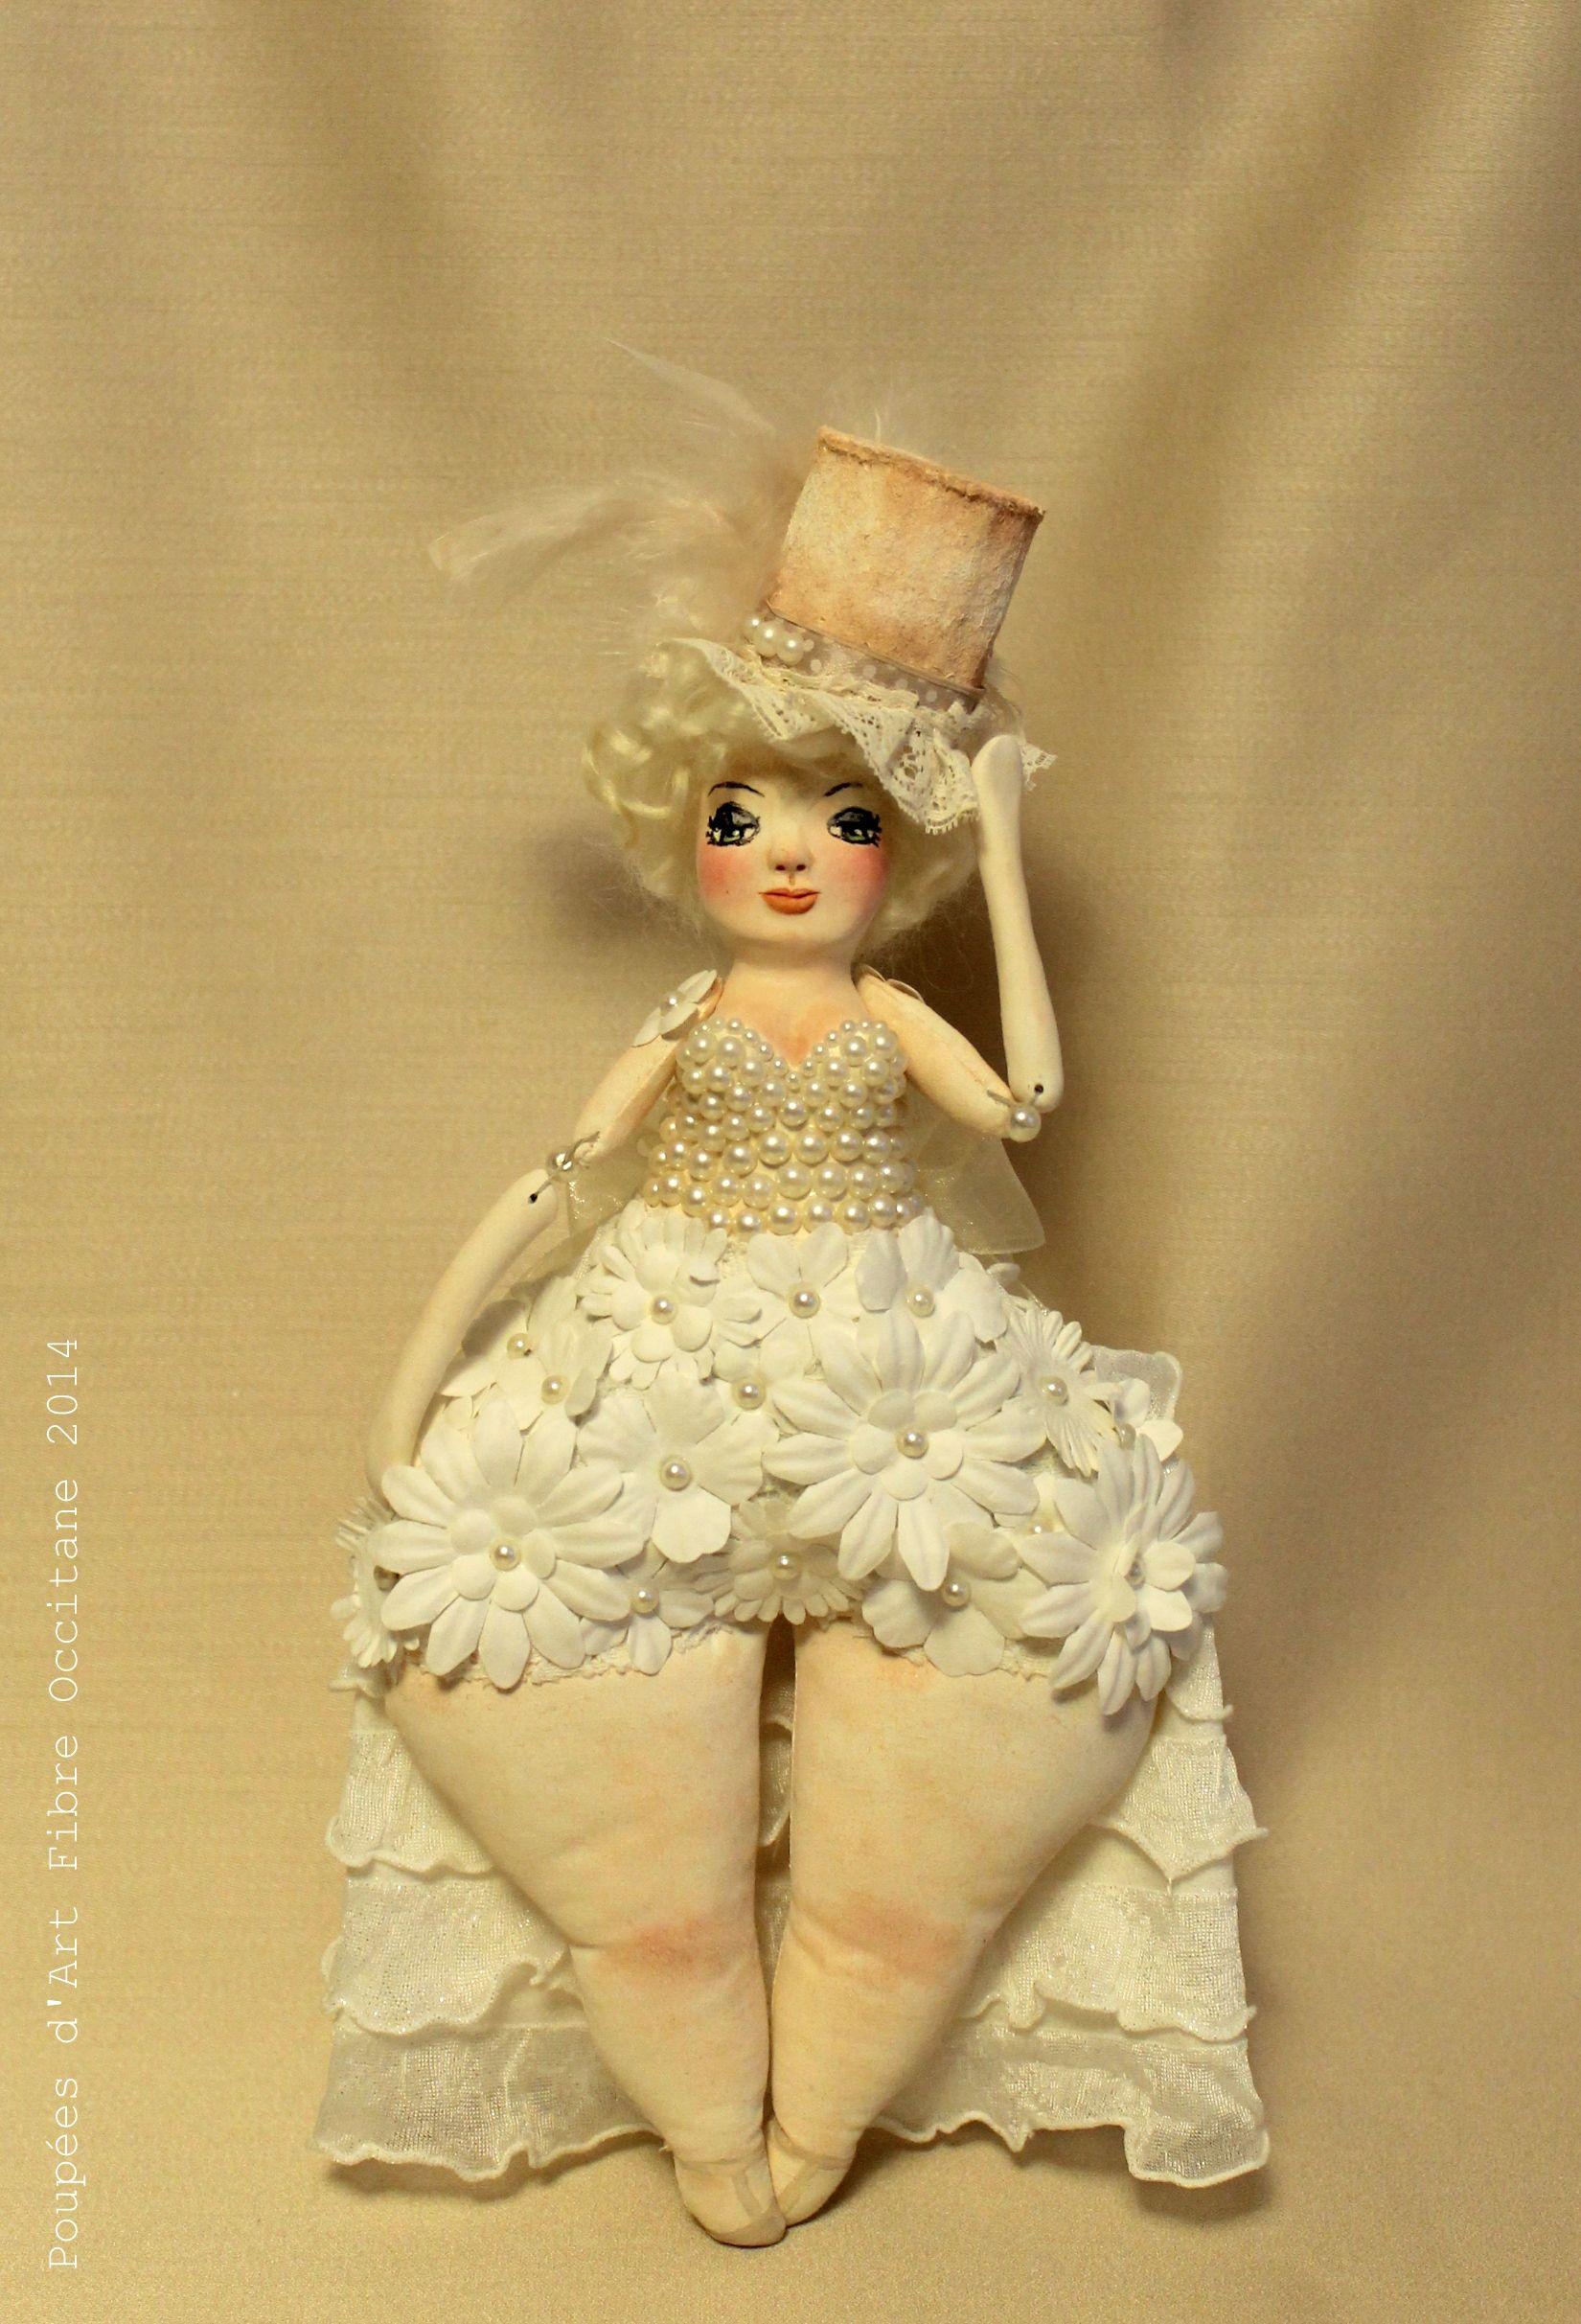 femme ronde en tenue de cabaret orn de perles nacr es plumes et fleurs de papier belle. Black Bedroom Furniture Sets. Home Design Ideas